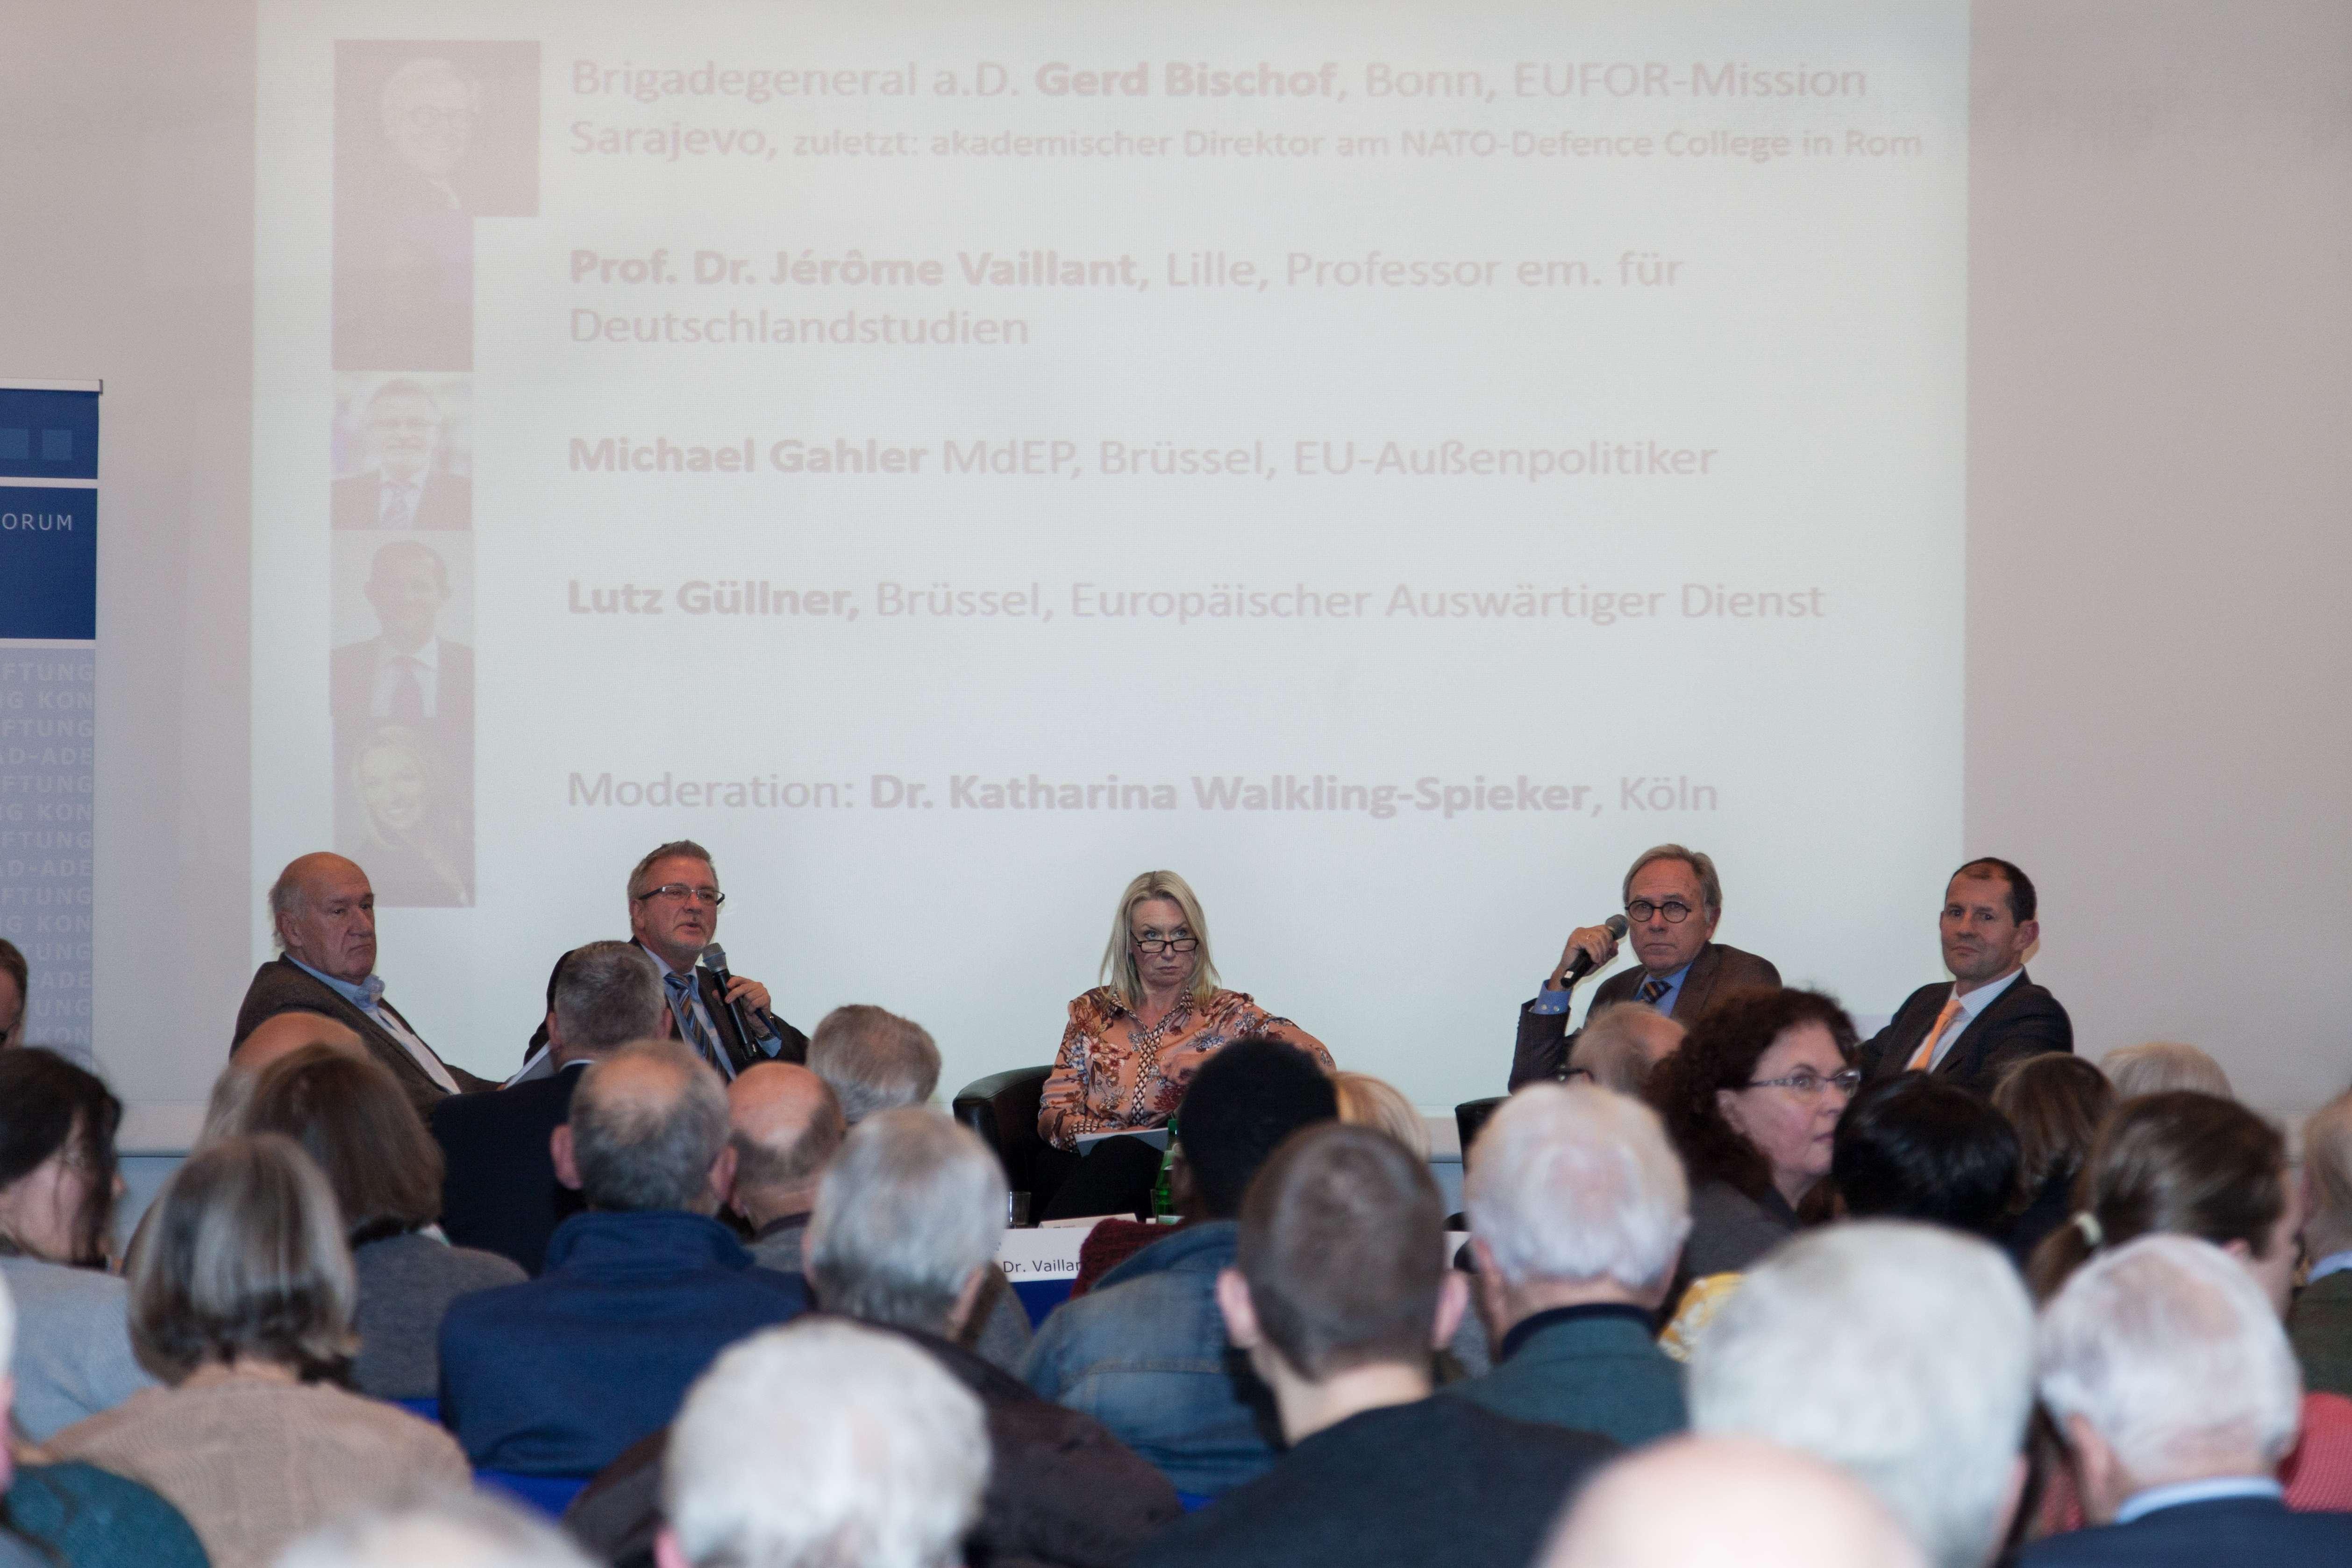 Konrad-Adenauer-Stiftung - Politisches Bildungsforum NRW und